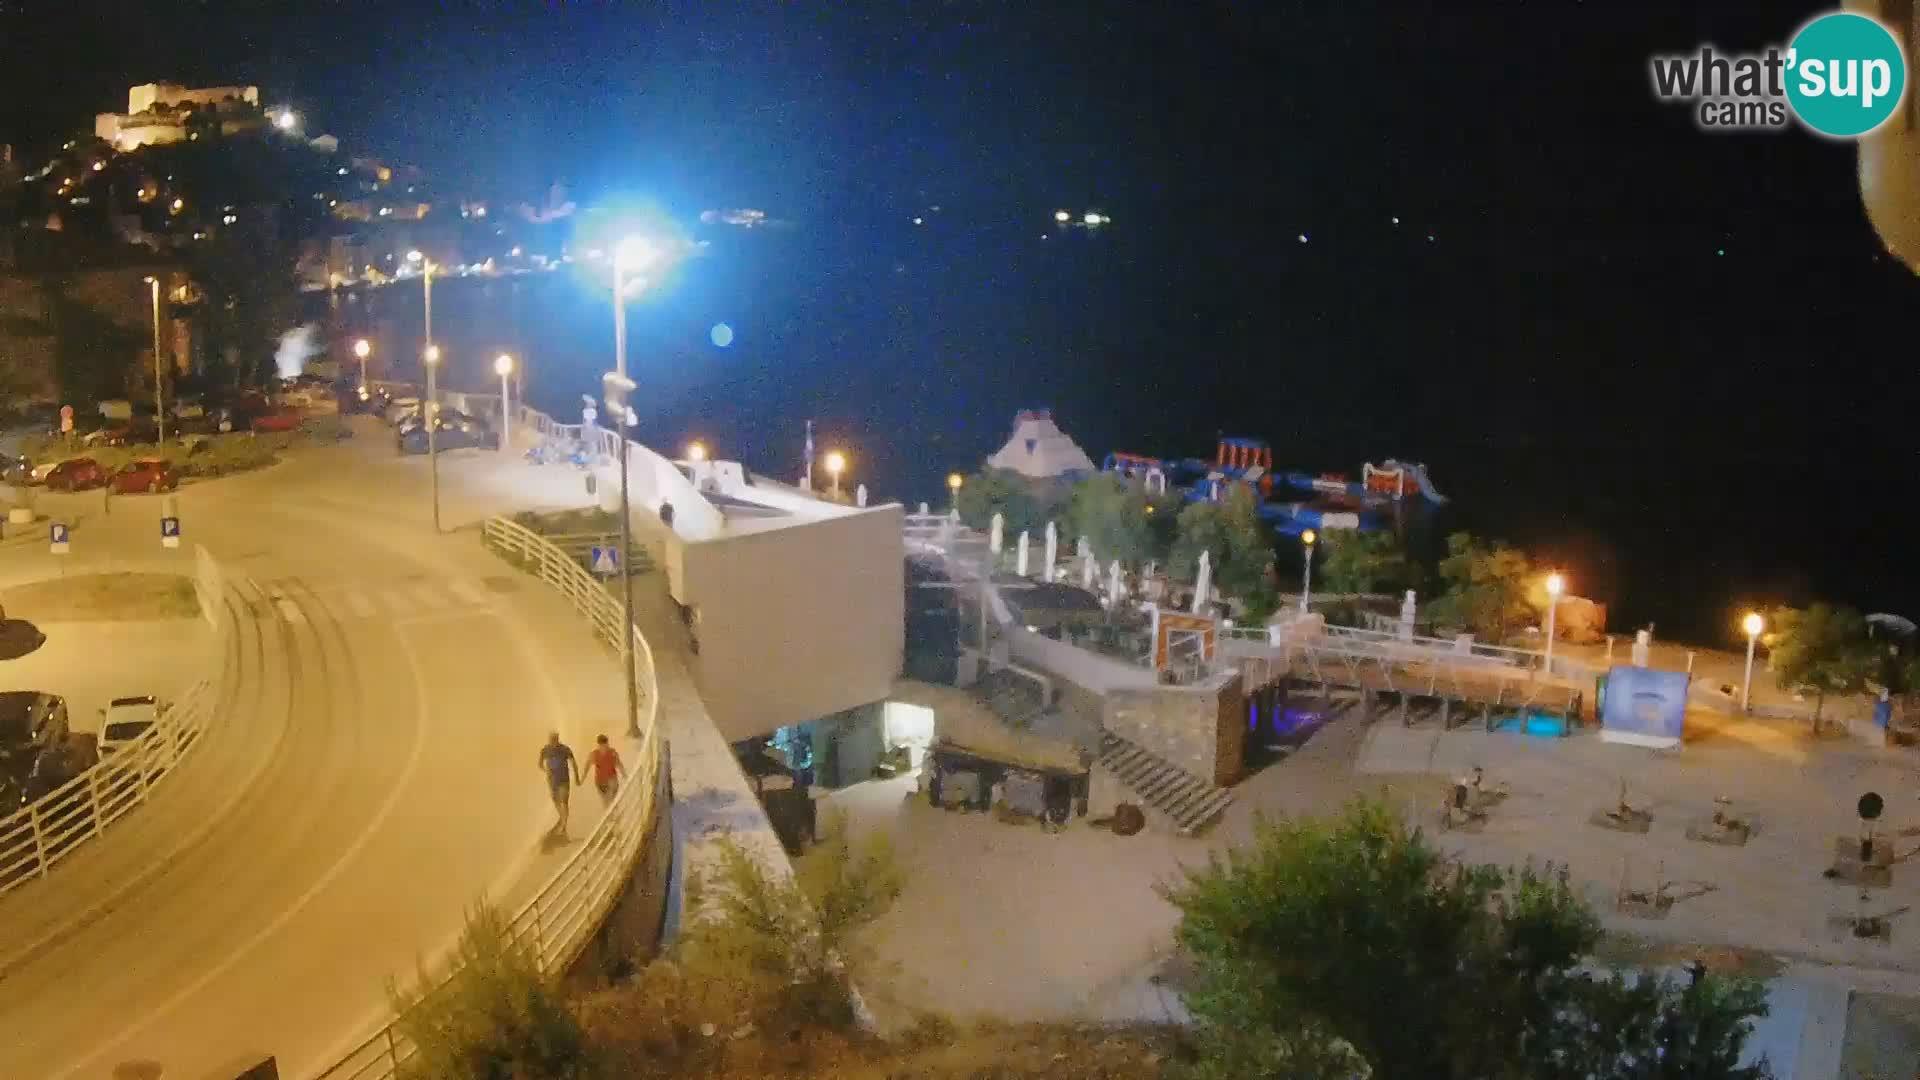 Livecam Sibenico spiaggia Banj